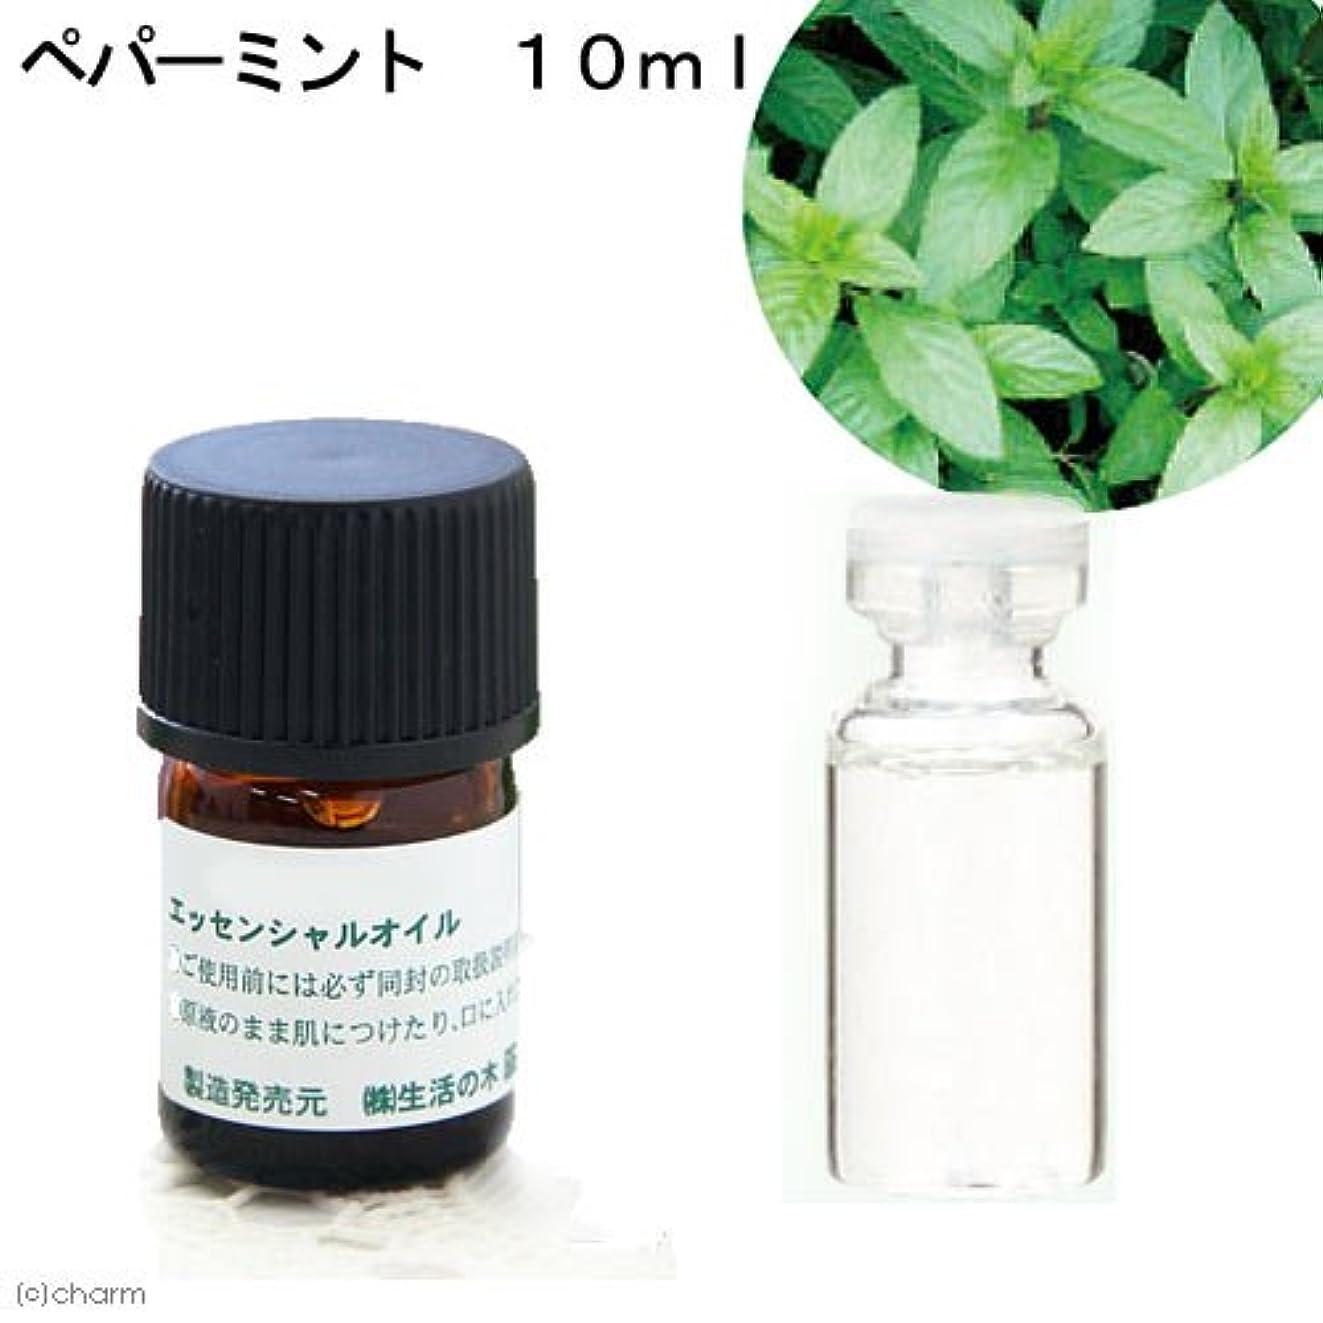 ジェームズダイソン歌詞頭Herbal Life ペパーミント 10ml